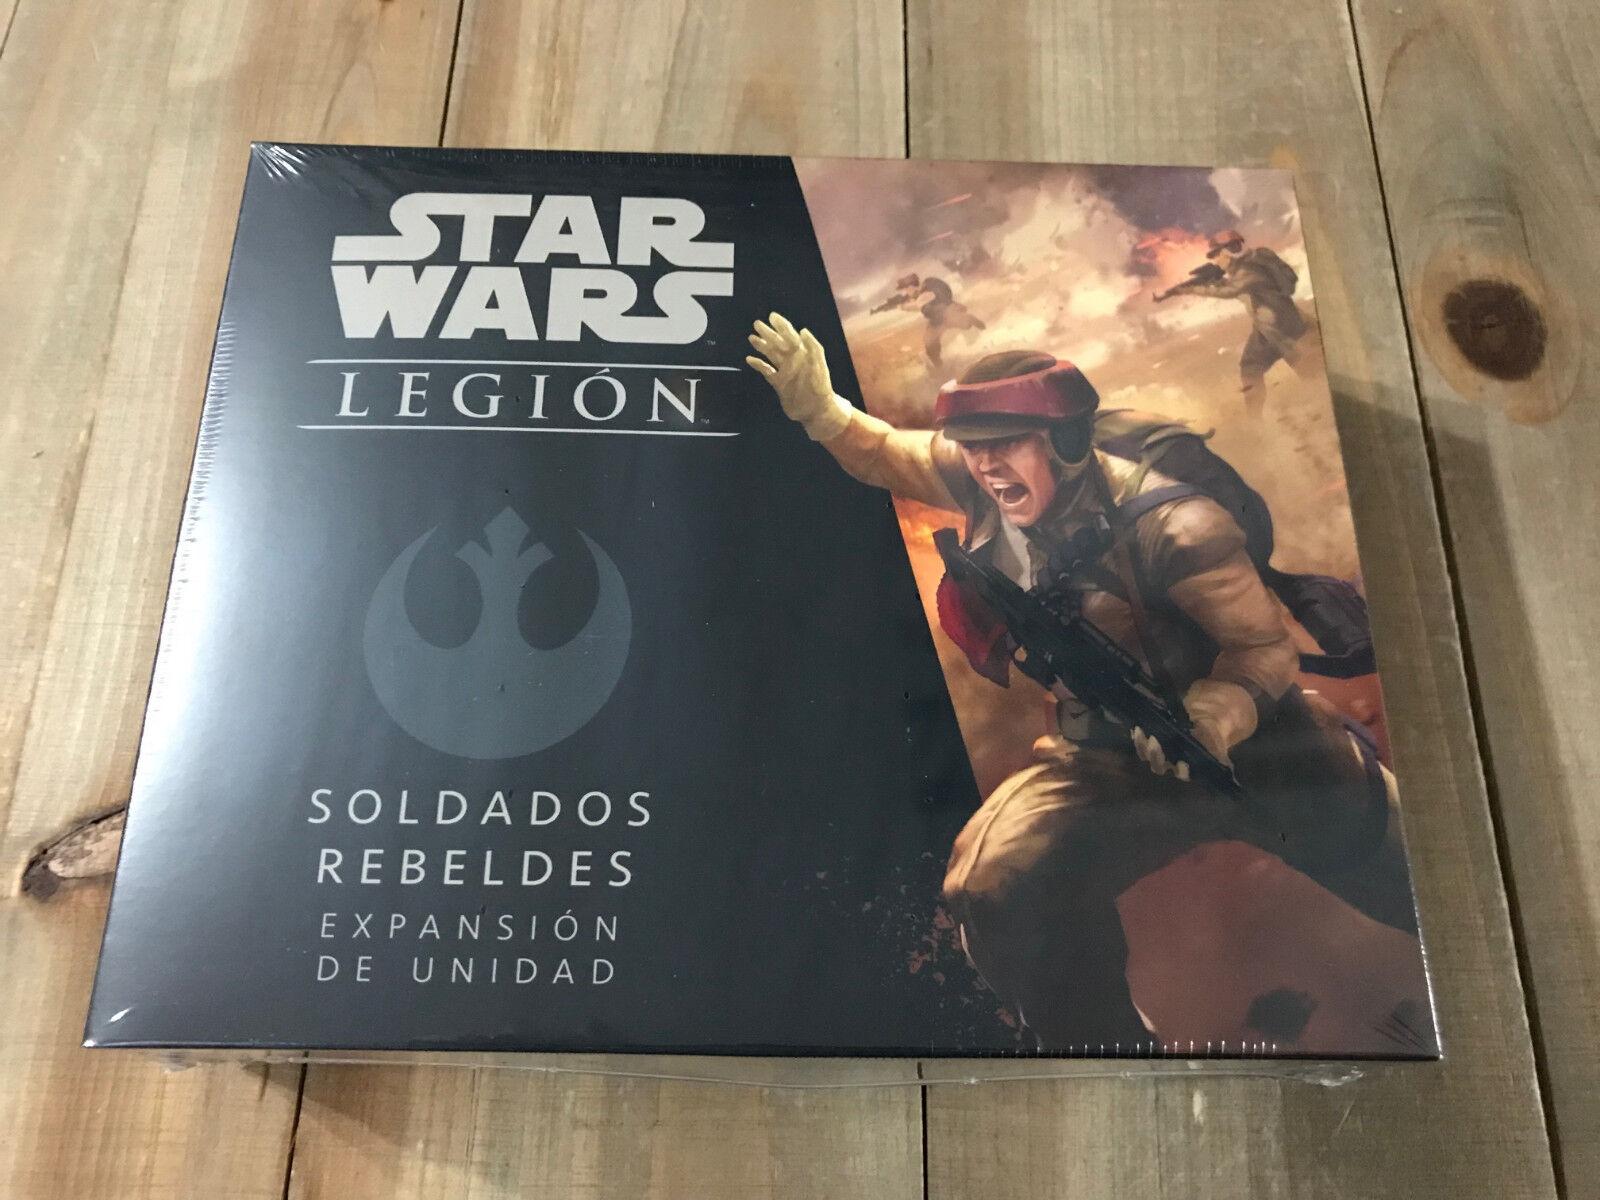 Star - wars - legion - soldaten rebeldes - - - miniaturen - versiegelt - ffg f969dc